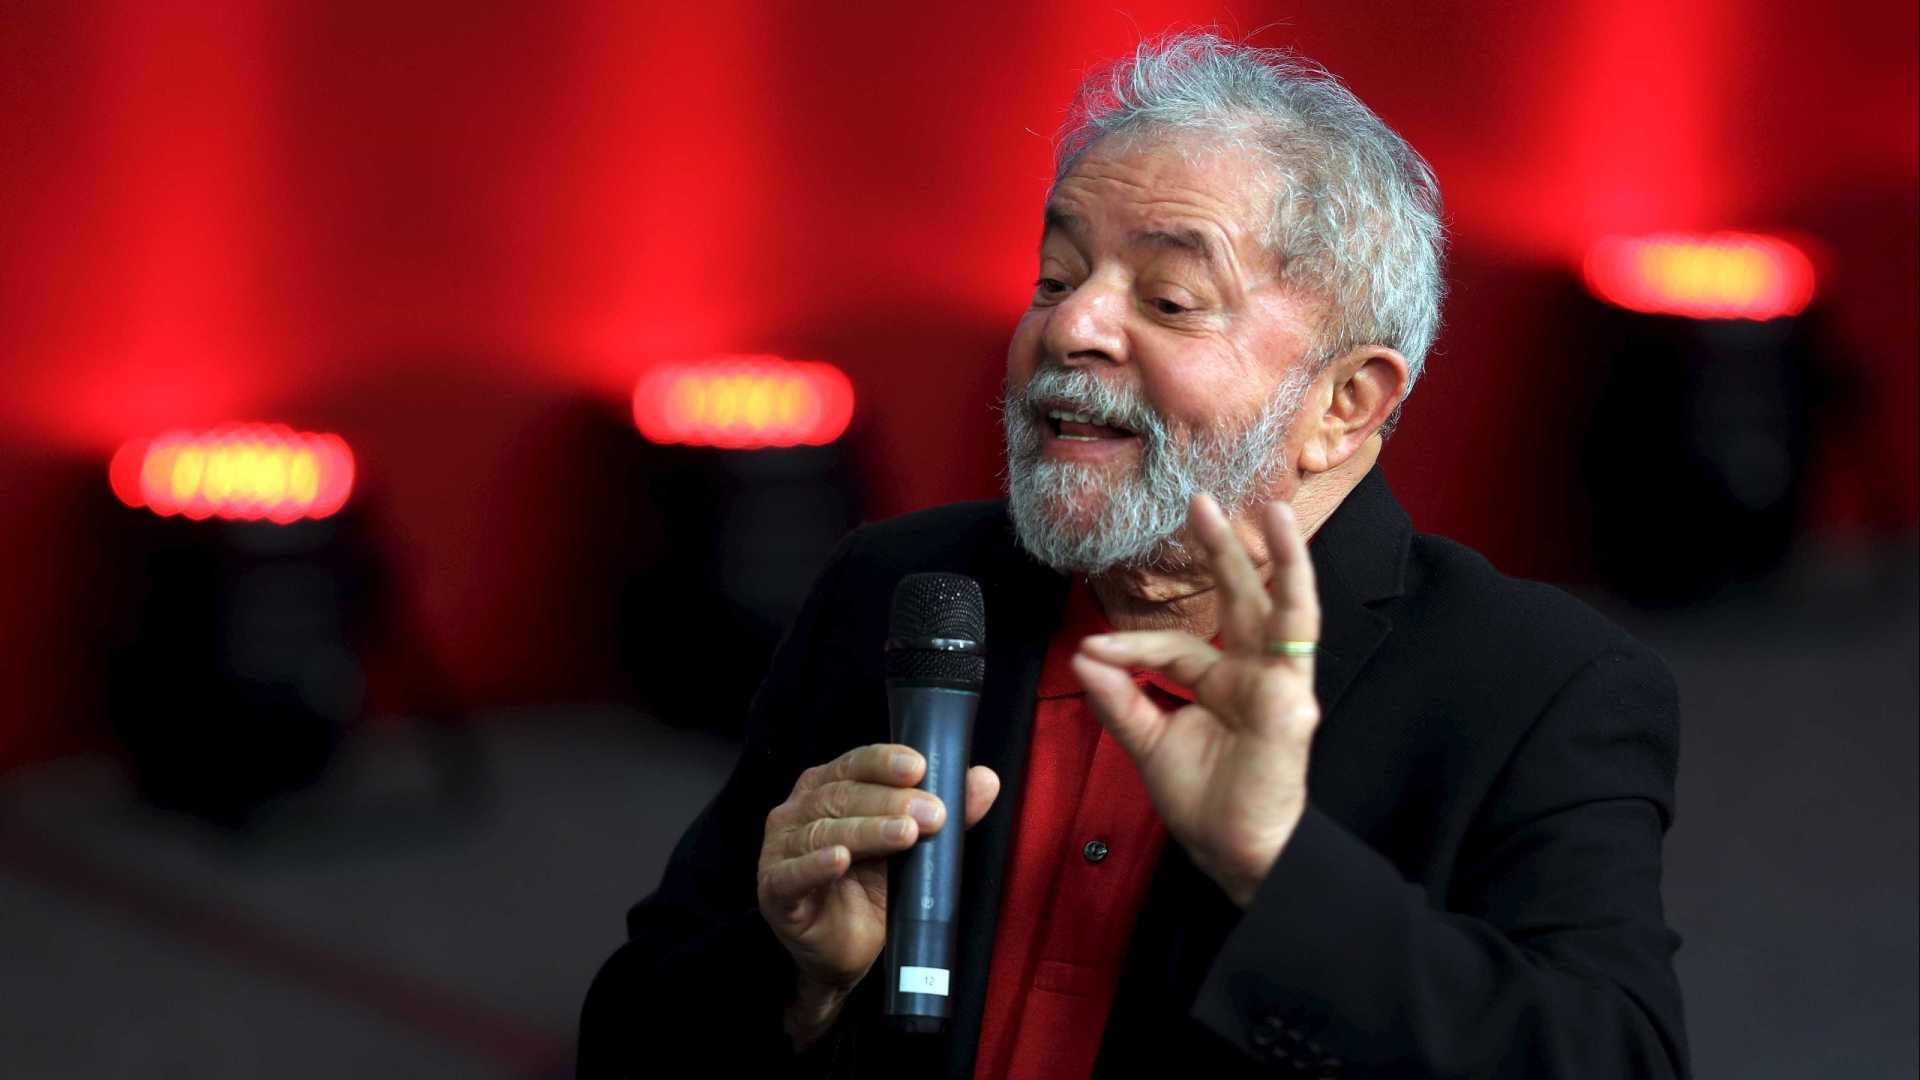 naom 564cd294c3d41 - PESQUISA: Lula é o mais preparado para acelerar crescimento econômico